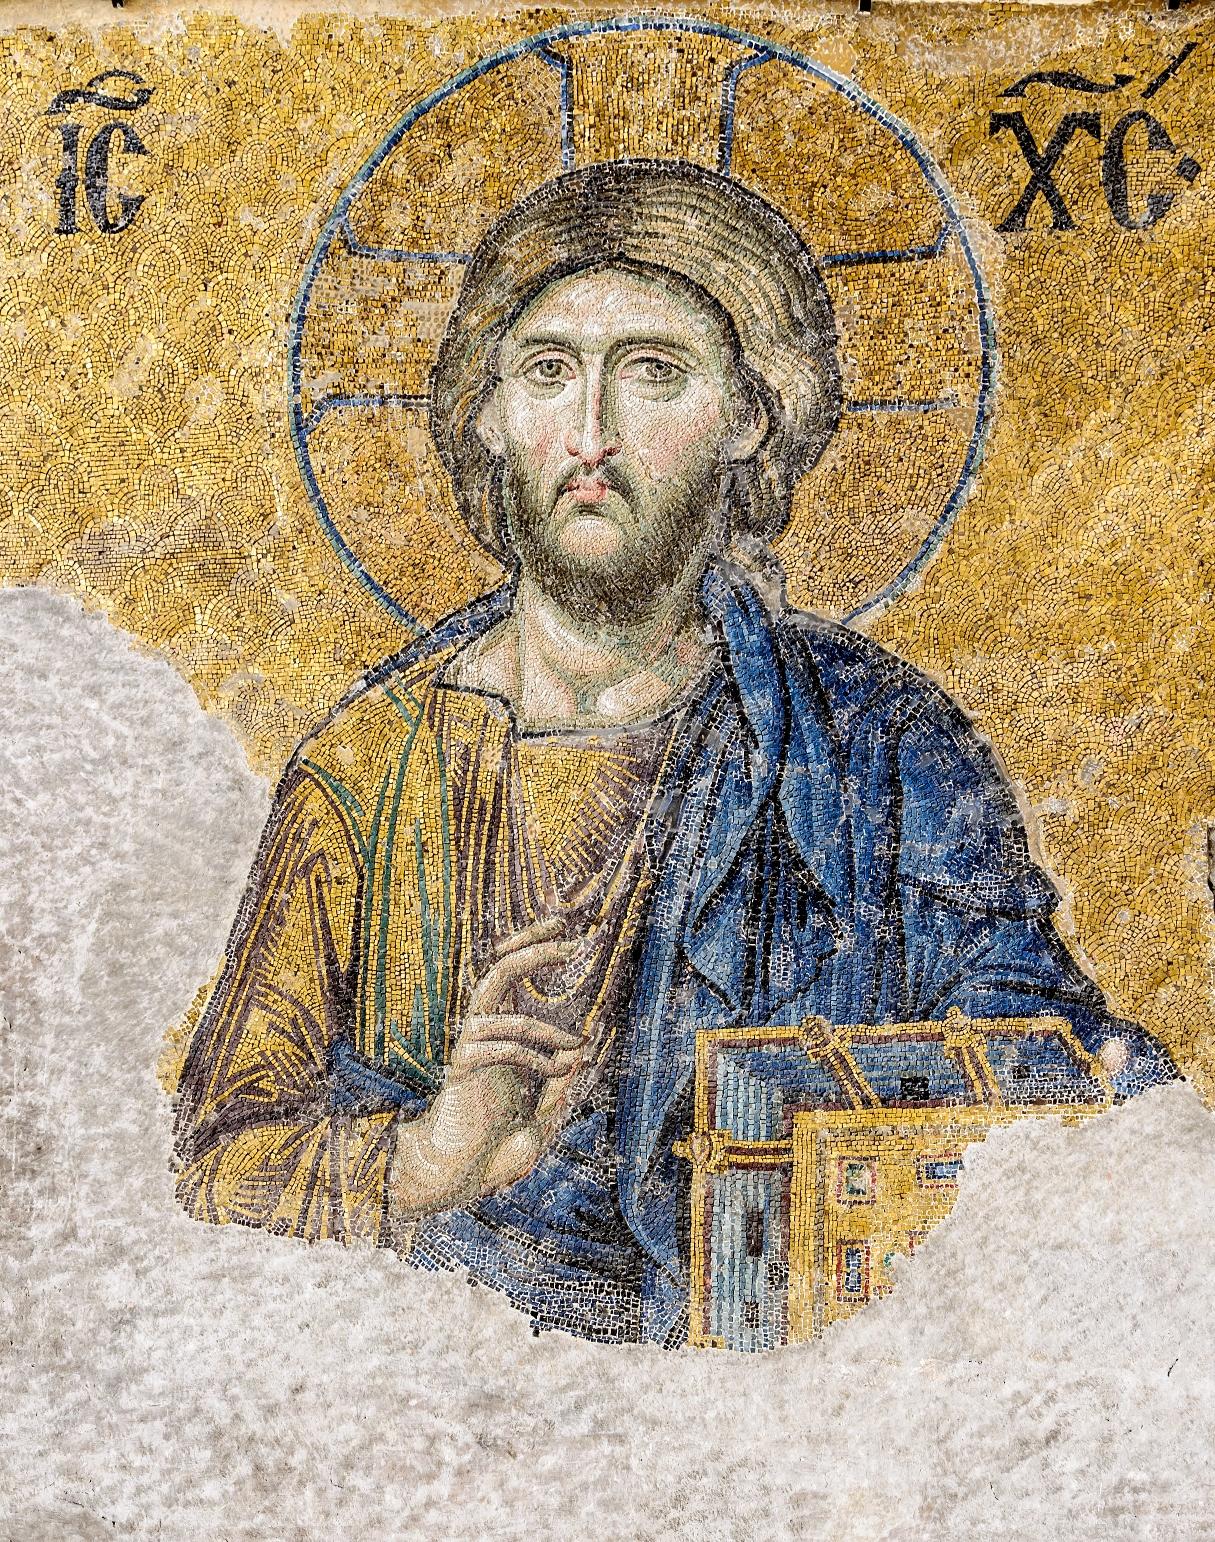 Mosaïque de Jésus dans la basilique de Sainte-Sophie à Istanbul